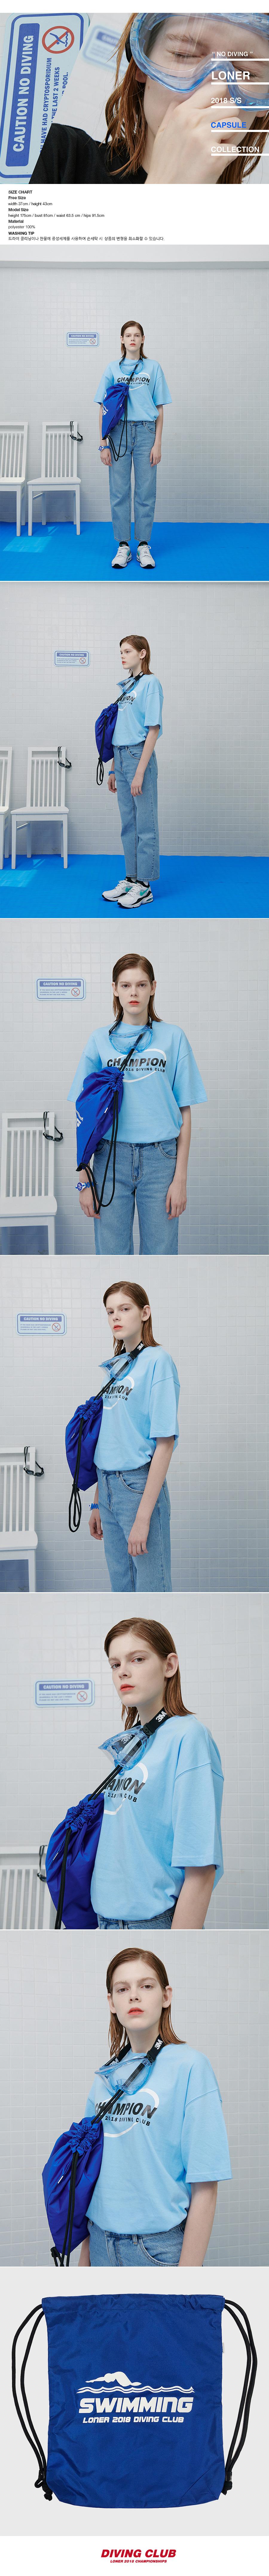 Swimming-string-bag-blue.jpg